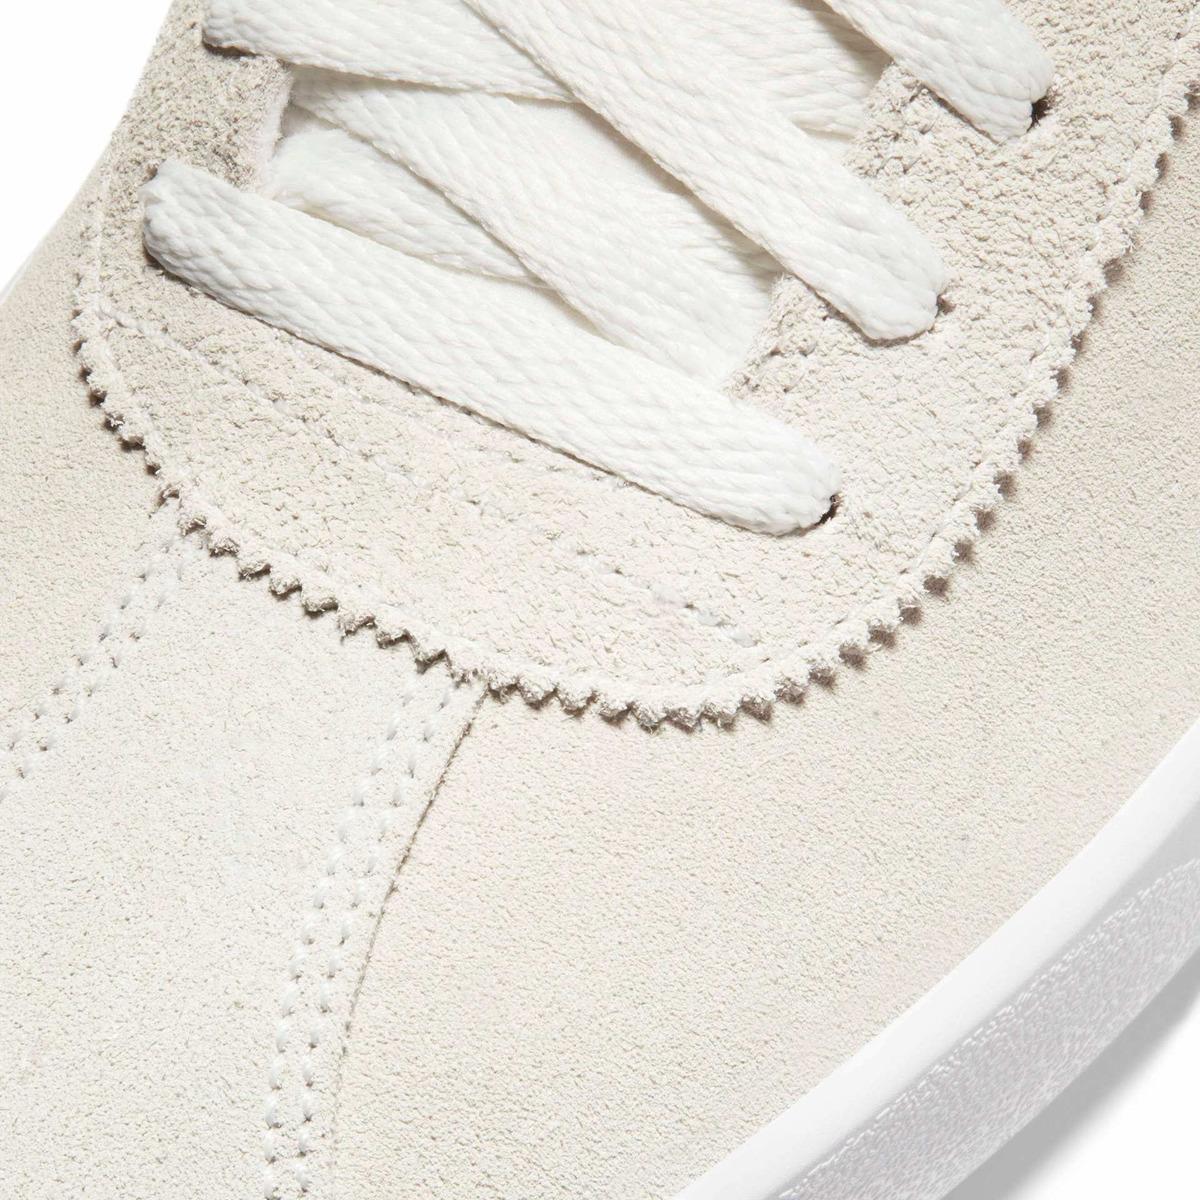 Impuestos Discurso desastre  Zapatillas Nike Sb Bruin React T - S/ 699,00 en Mercado Libre